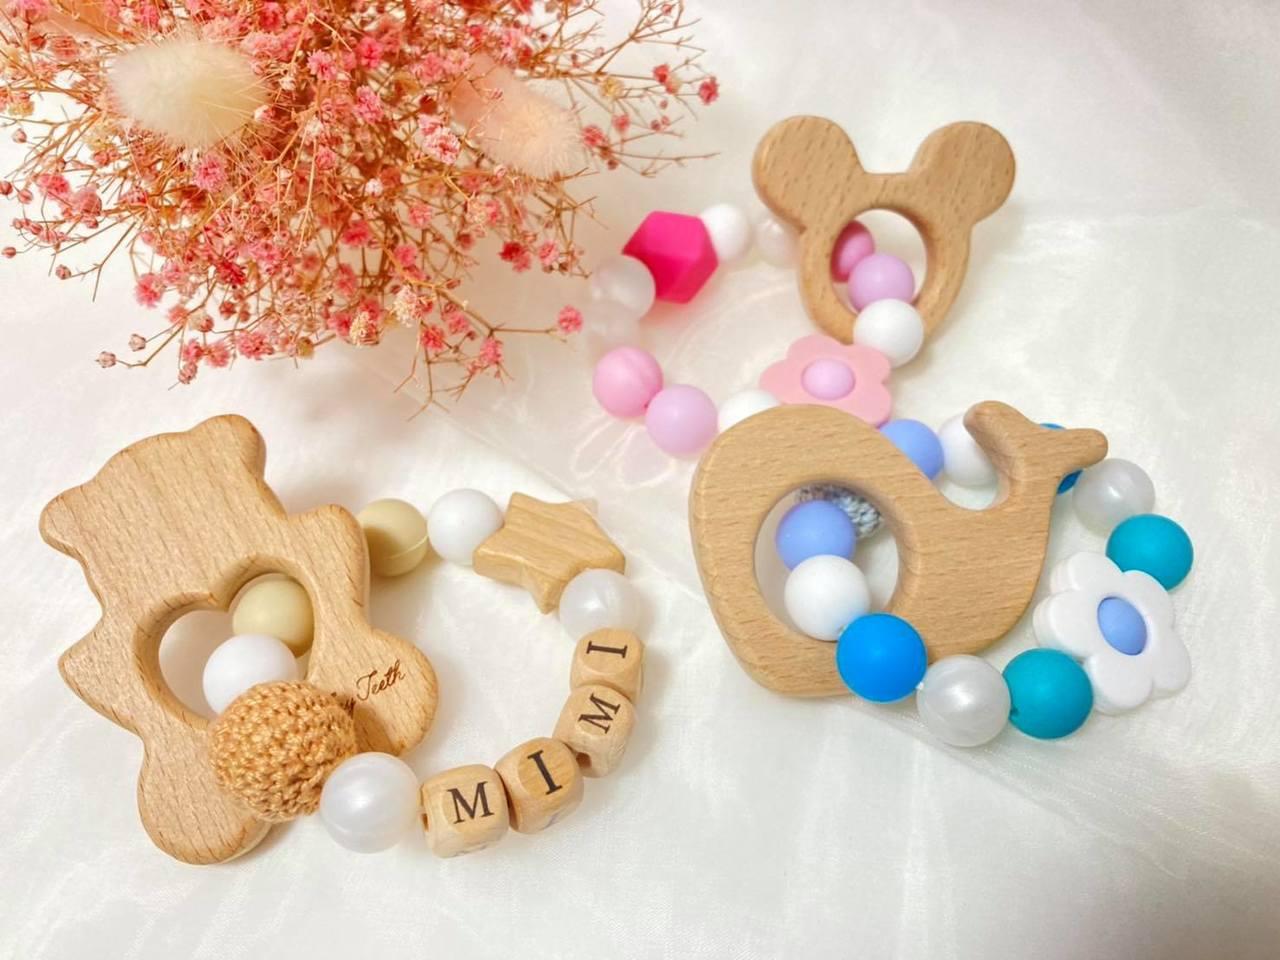 【秦野】0歳児の赤ちゃんからOK!ベビーフフェア-歯固めジュエリー作り-|2021年1月23日(土)